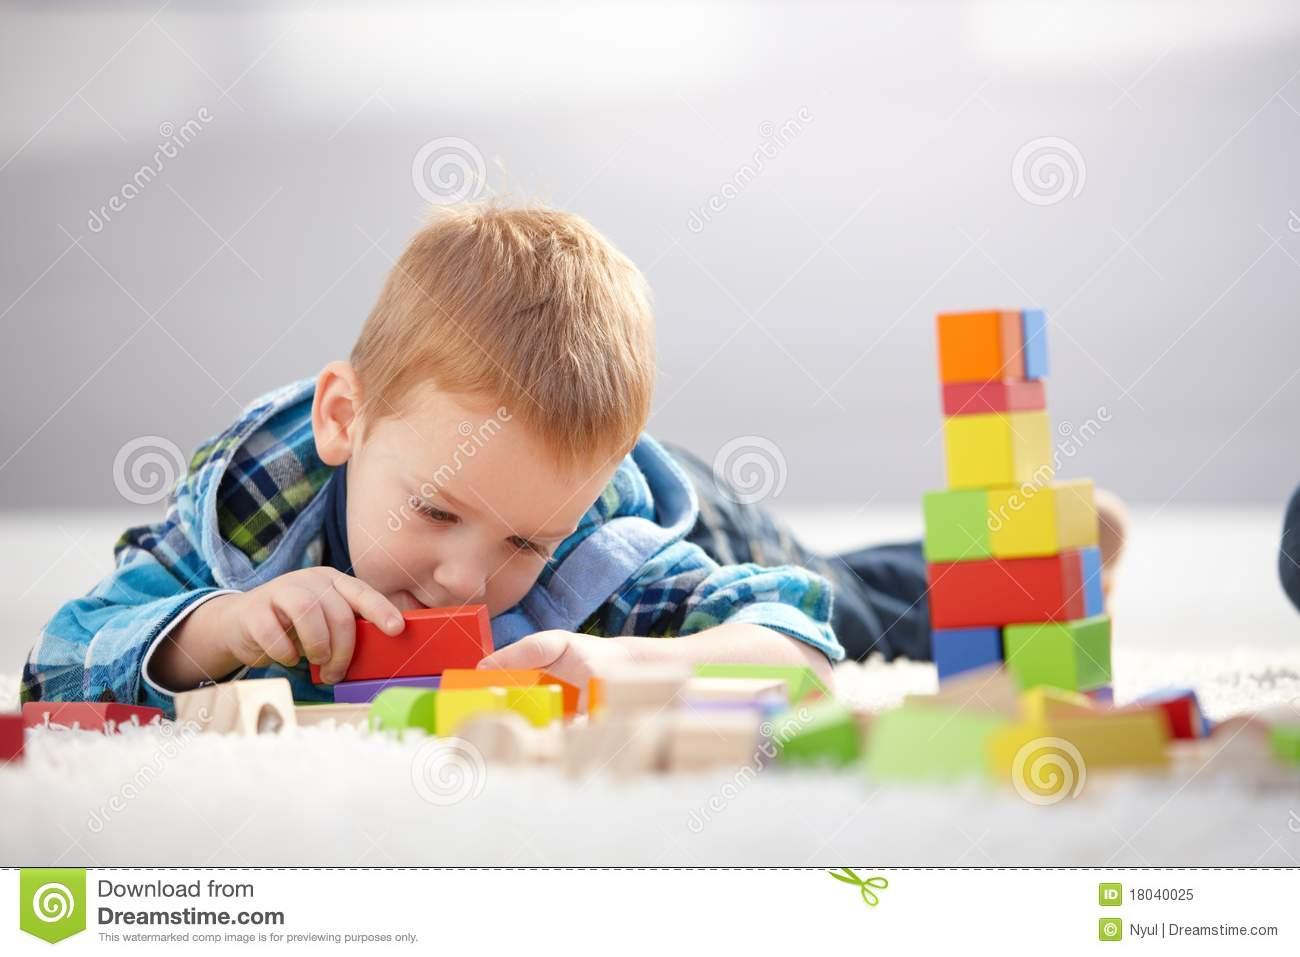 Le Garçon De 3 Ans A Détruit Dans Le Jeu Image Stock - Image tout Jeux De Garçon 3 Ans